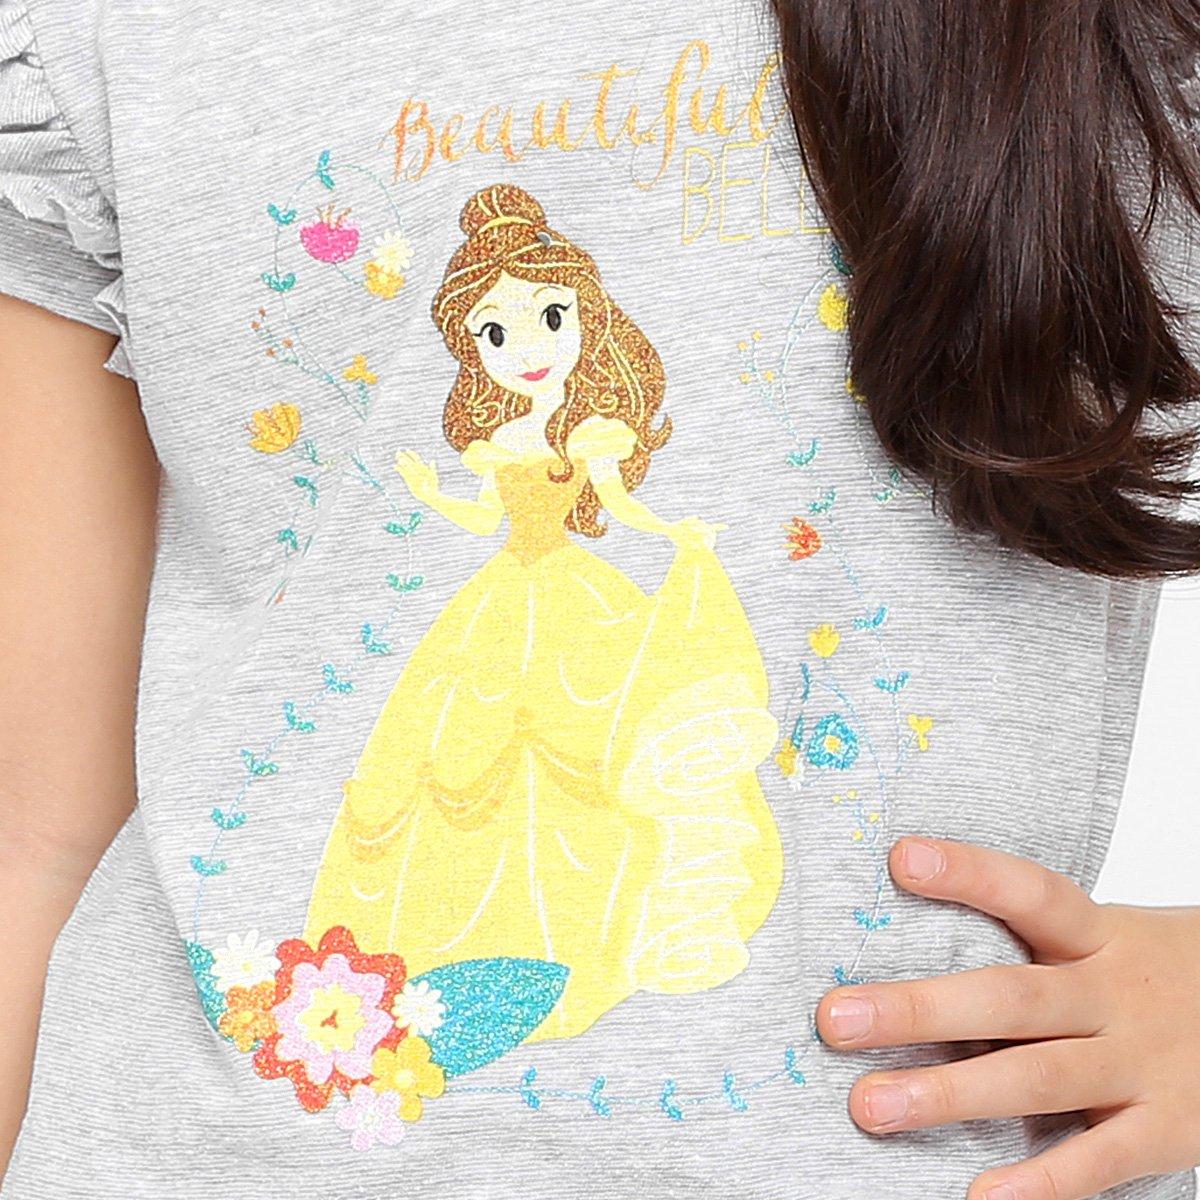 Camiseta Mescla Bela Disney Camiseta Camiseta Camiseta Disney Infantil Disney Bela Infantil Mescla Mescla Infantil Bela Disney zwqUAp0W